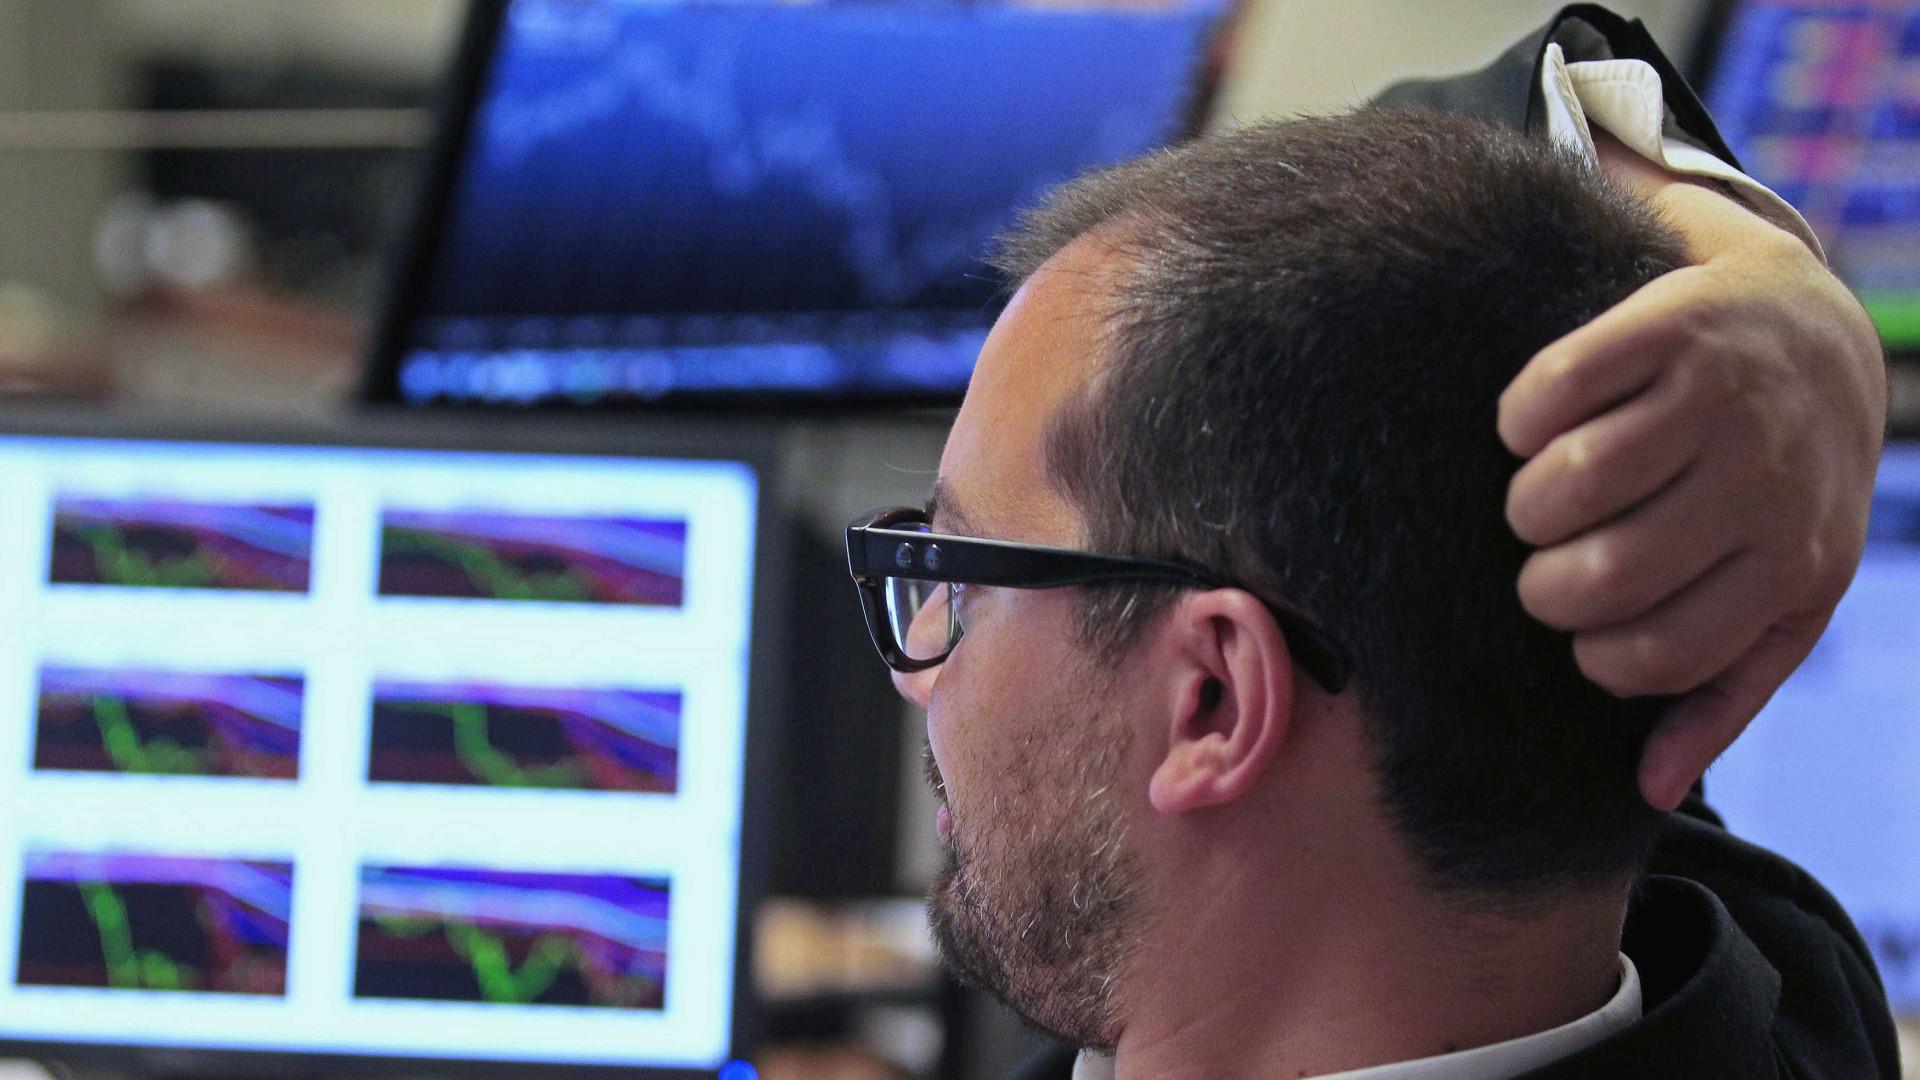 PSI20 cede 1,55% e segue a tendência negativa das bolsas europeias